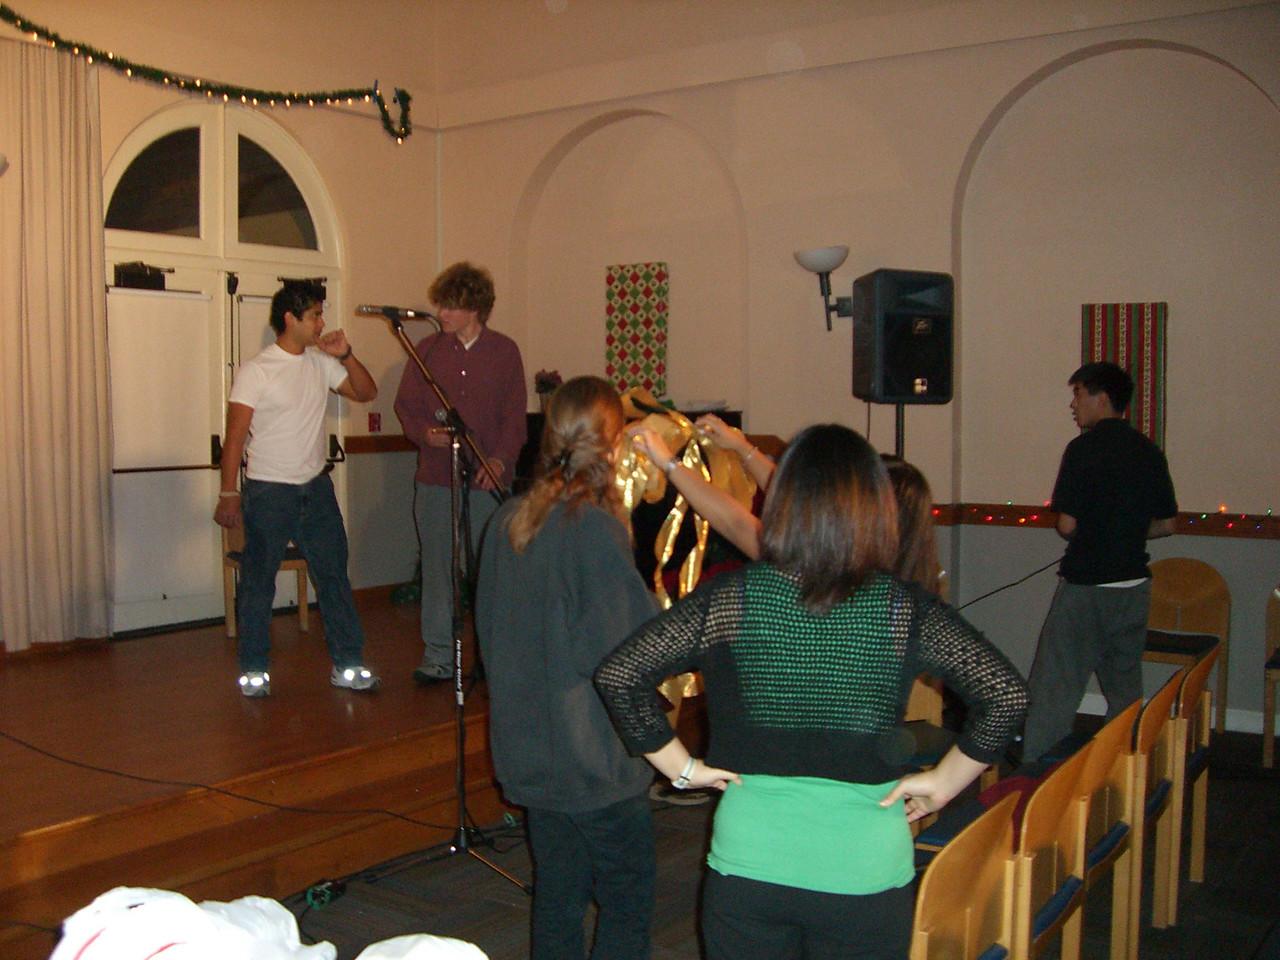 2005 12 10 Sat - Pablo Pozo demonstrates his solo technique